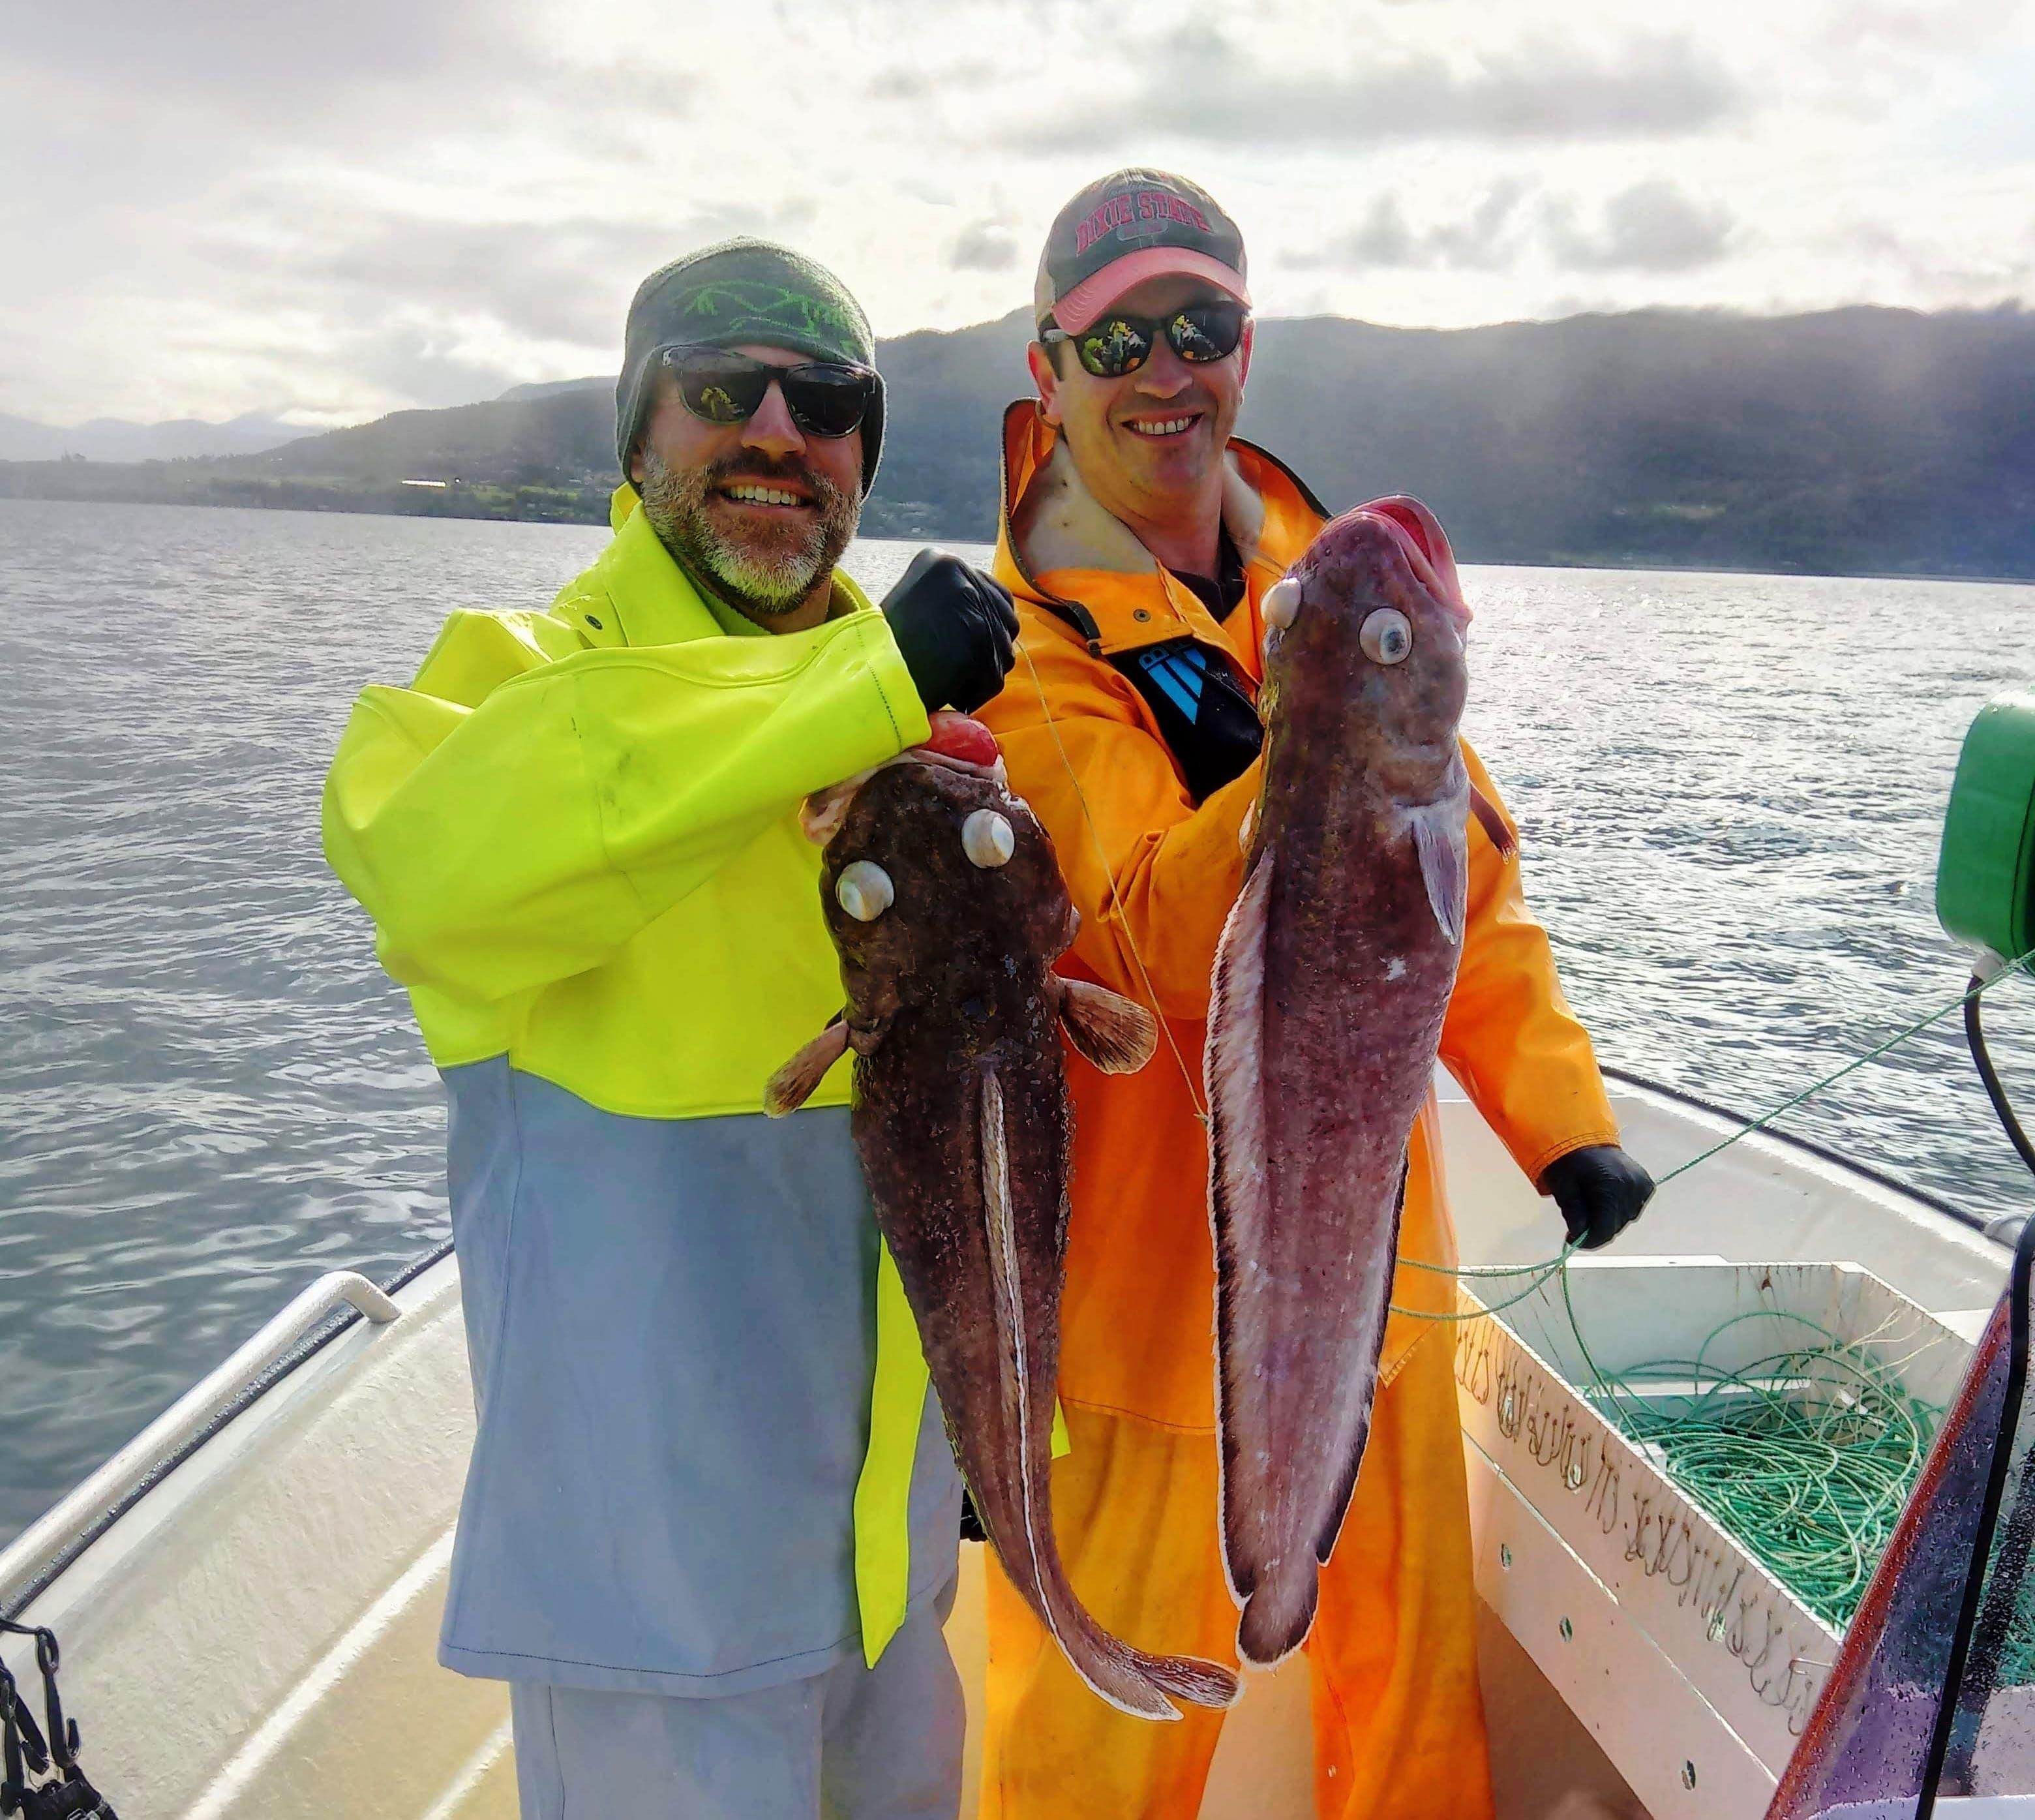 Linefiske på dypvann? - Prøv deg som lokal fisker på Sognefjorden!